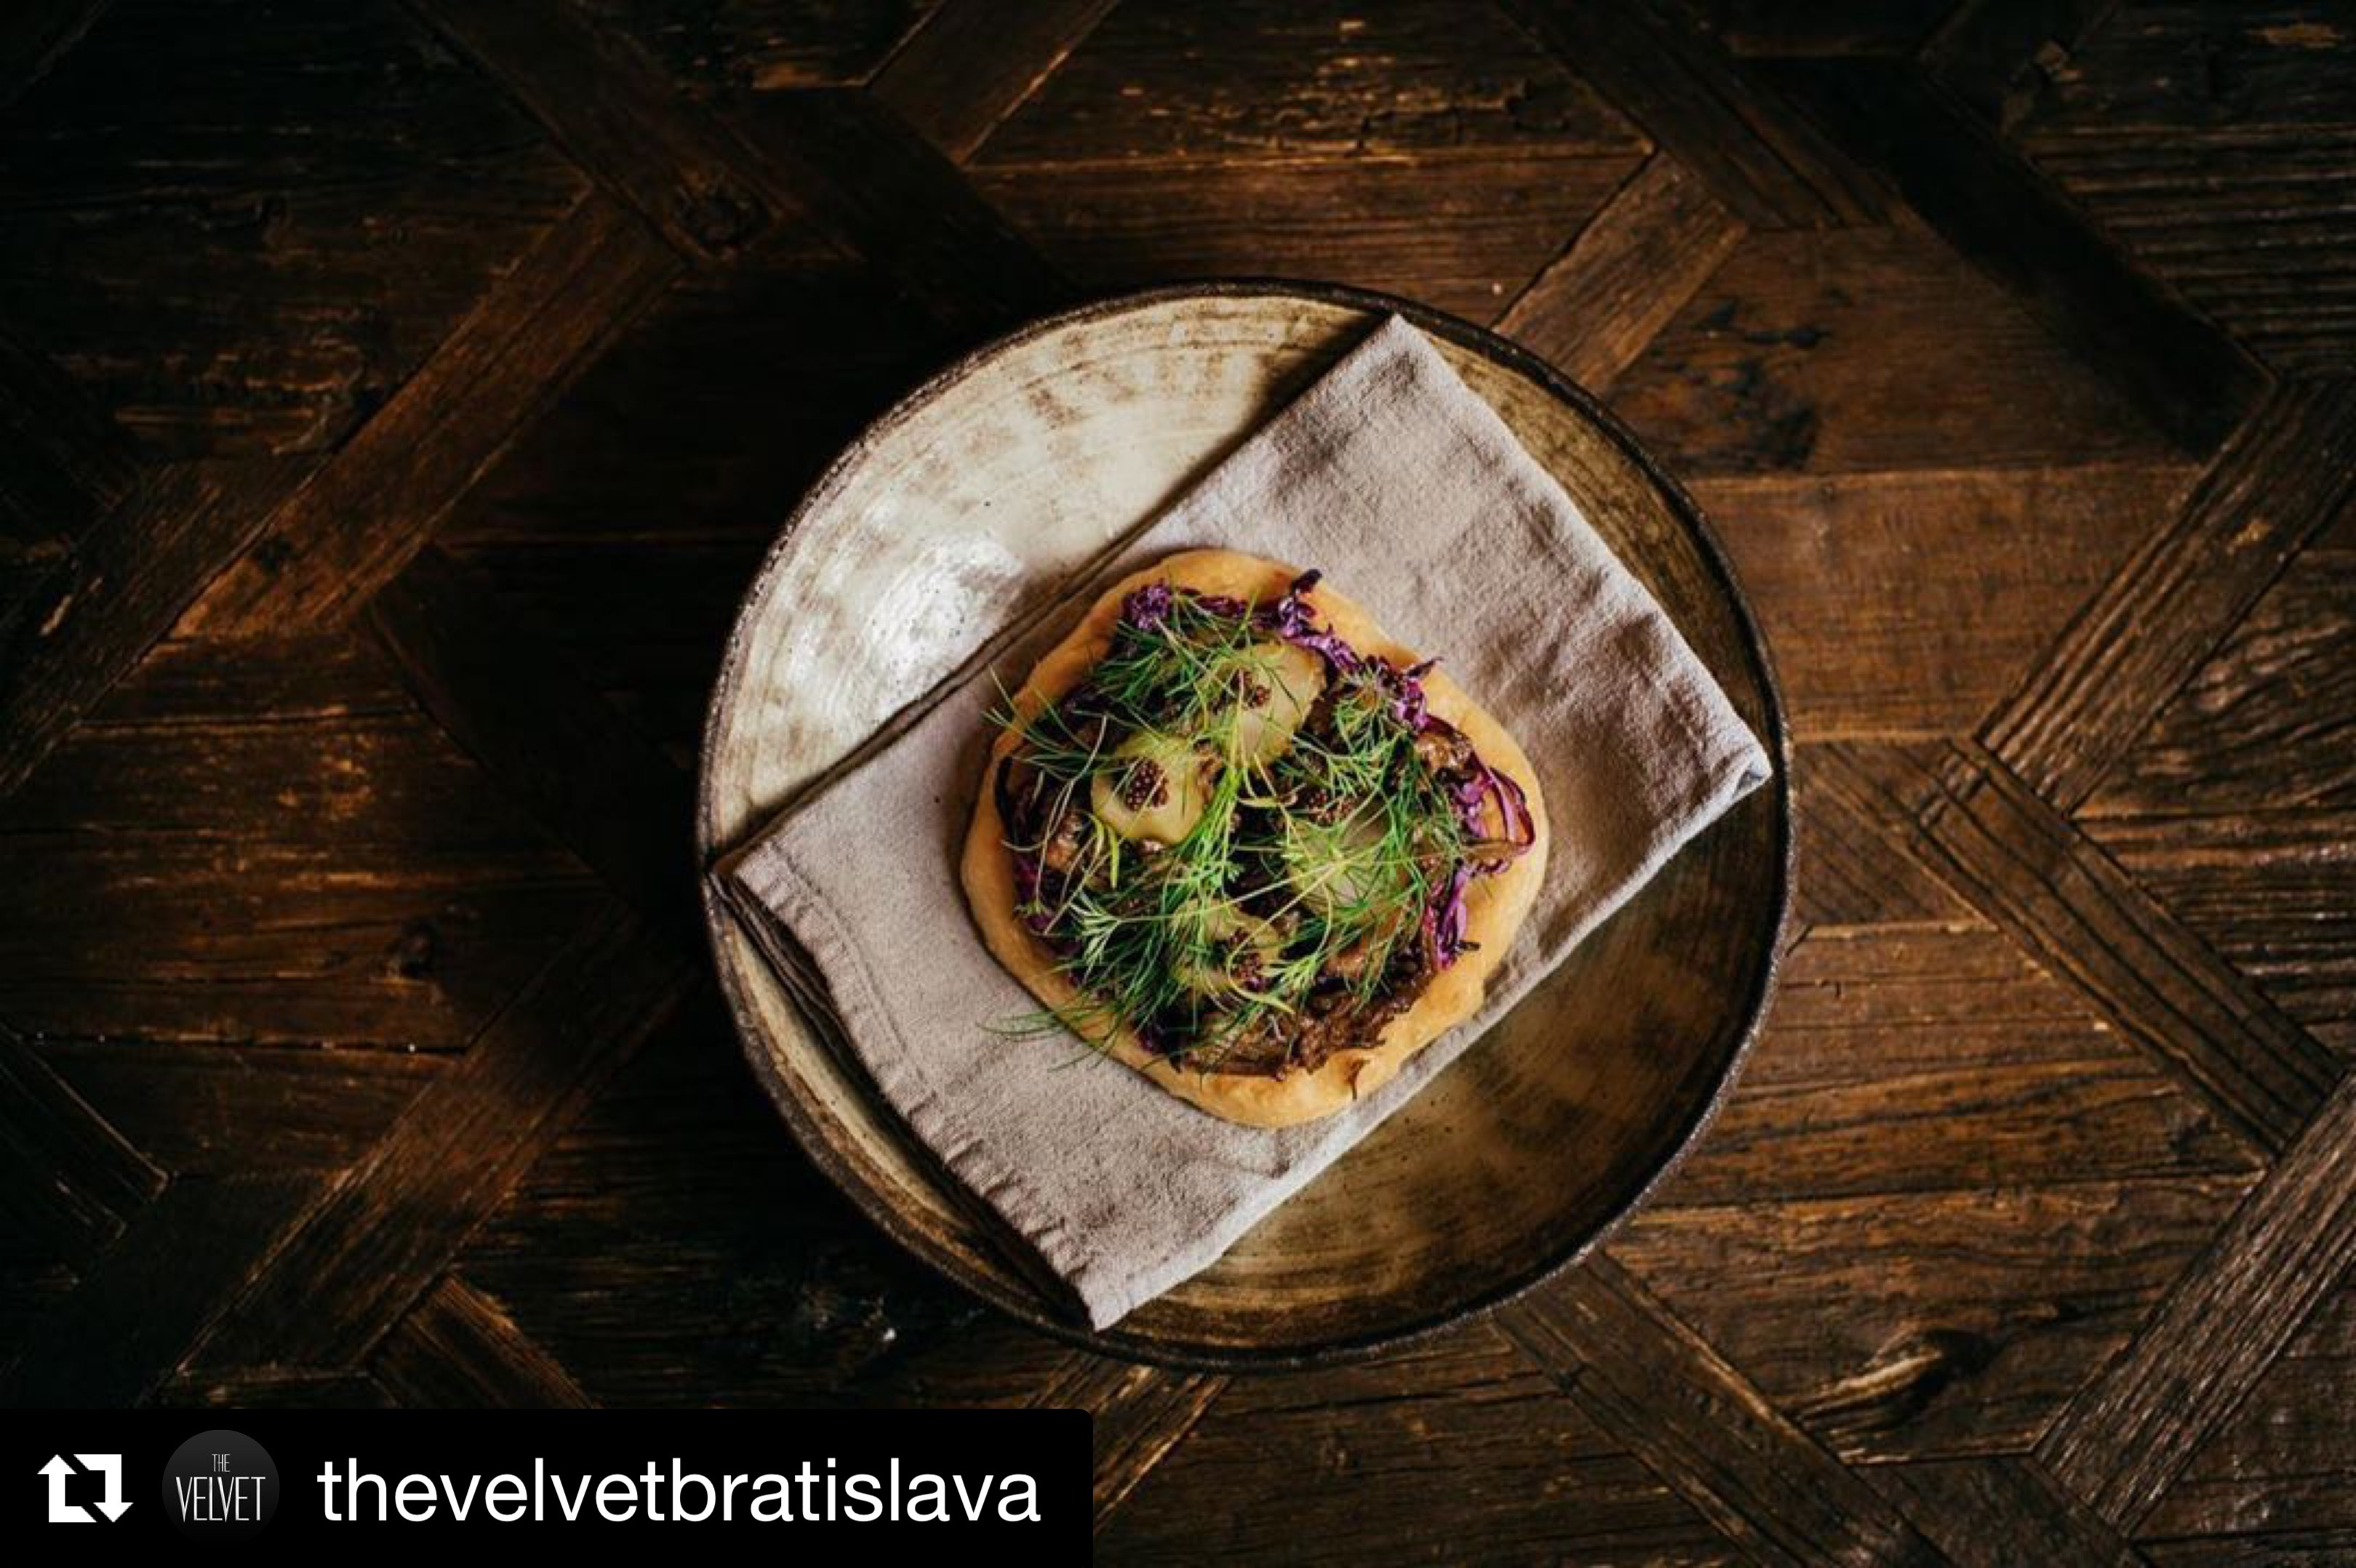 TOP 10 Foodstyling Photos from MIJ Instagram - DECEMBER!